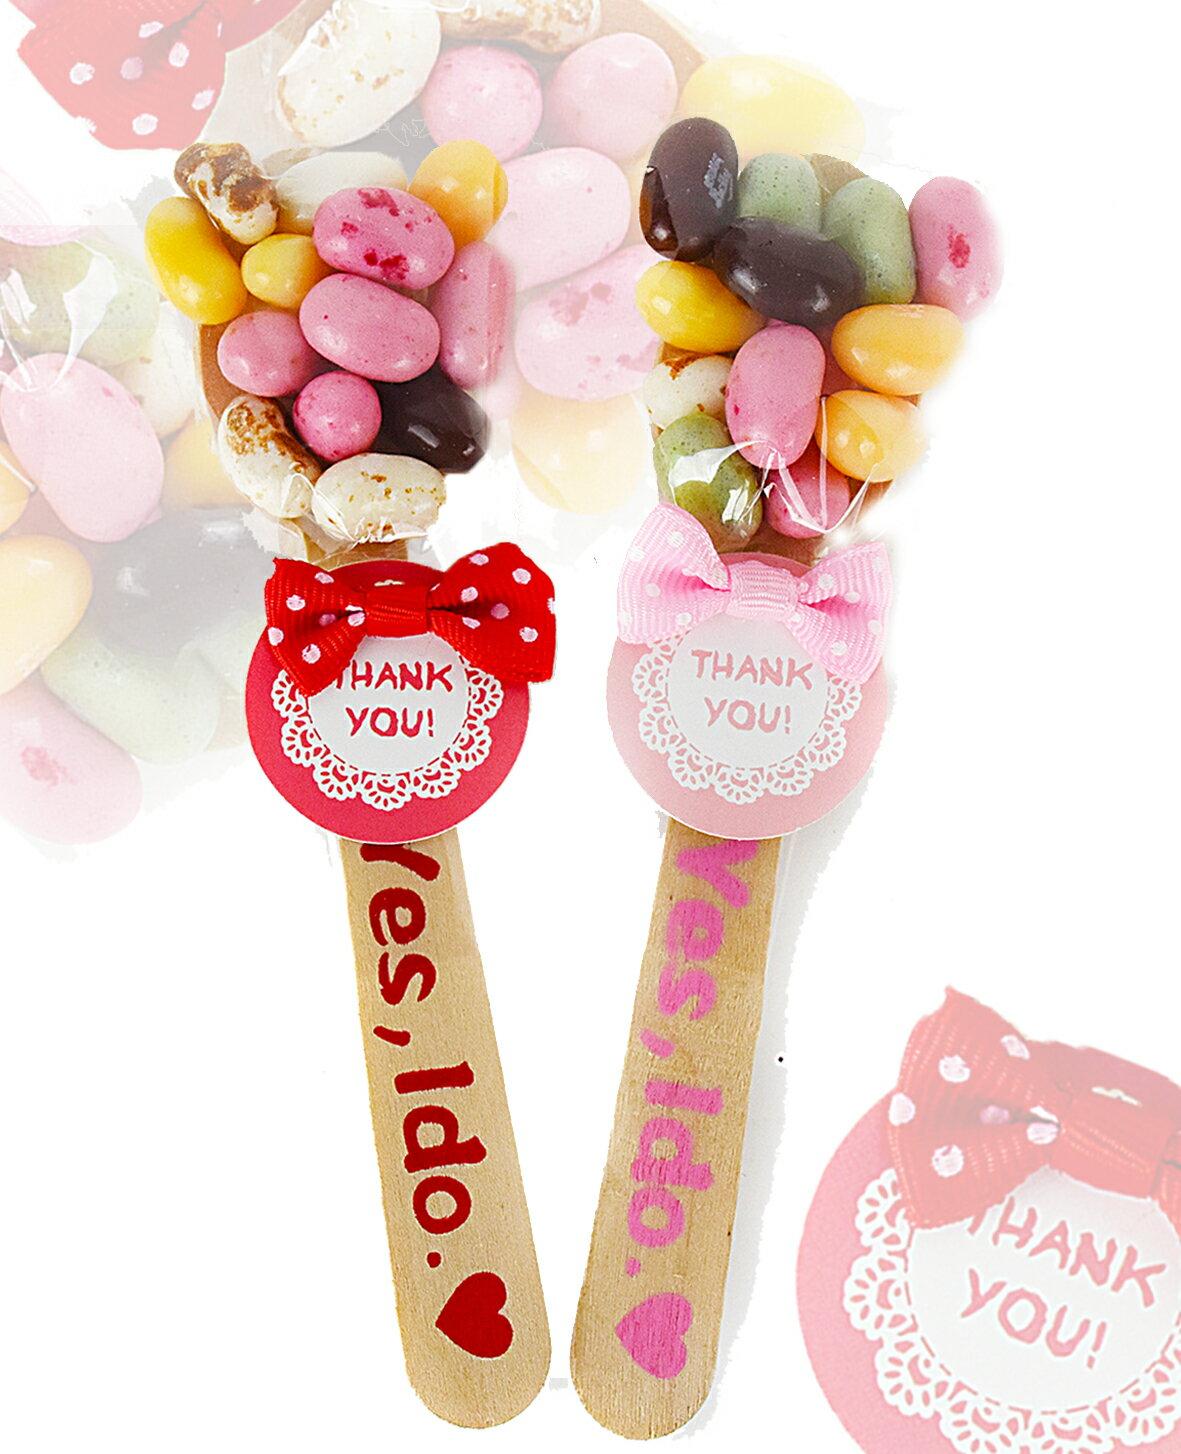 X射線【Y040013】湯匙甜點糖果組,糖果襪/糖果罐/聖誕節/交換禮物/婚禮小物/兒童節/禮物